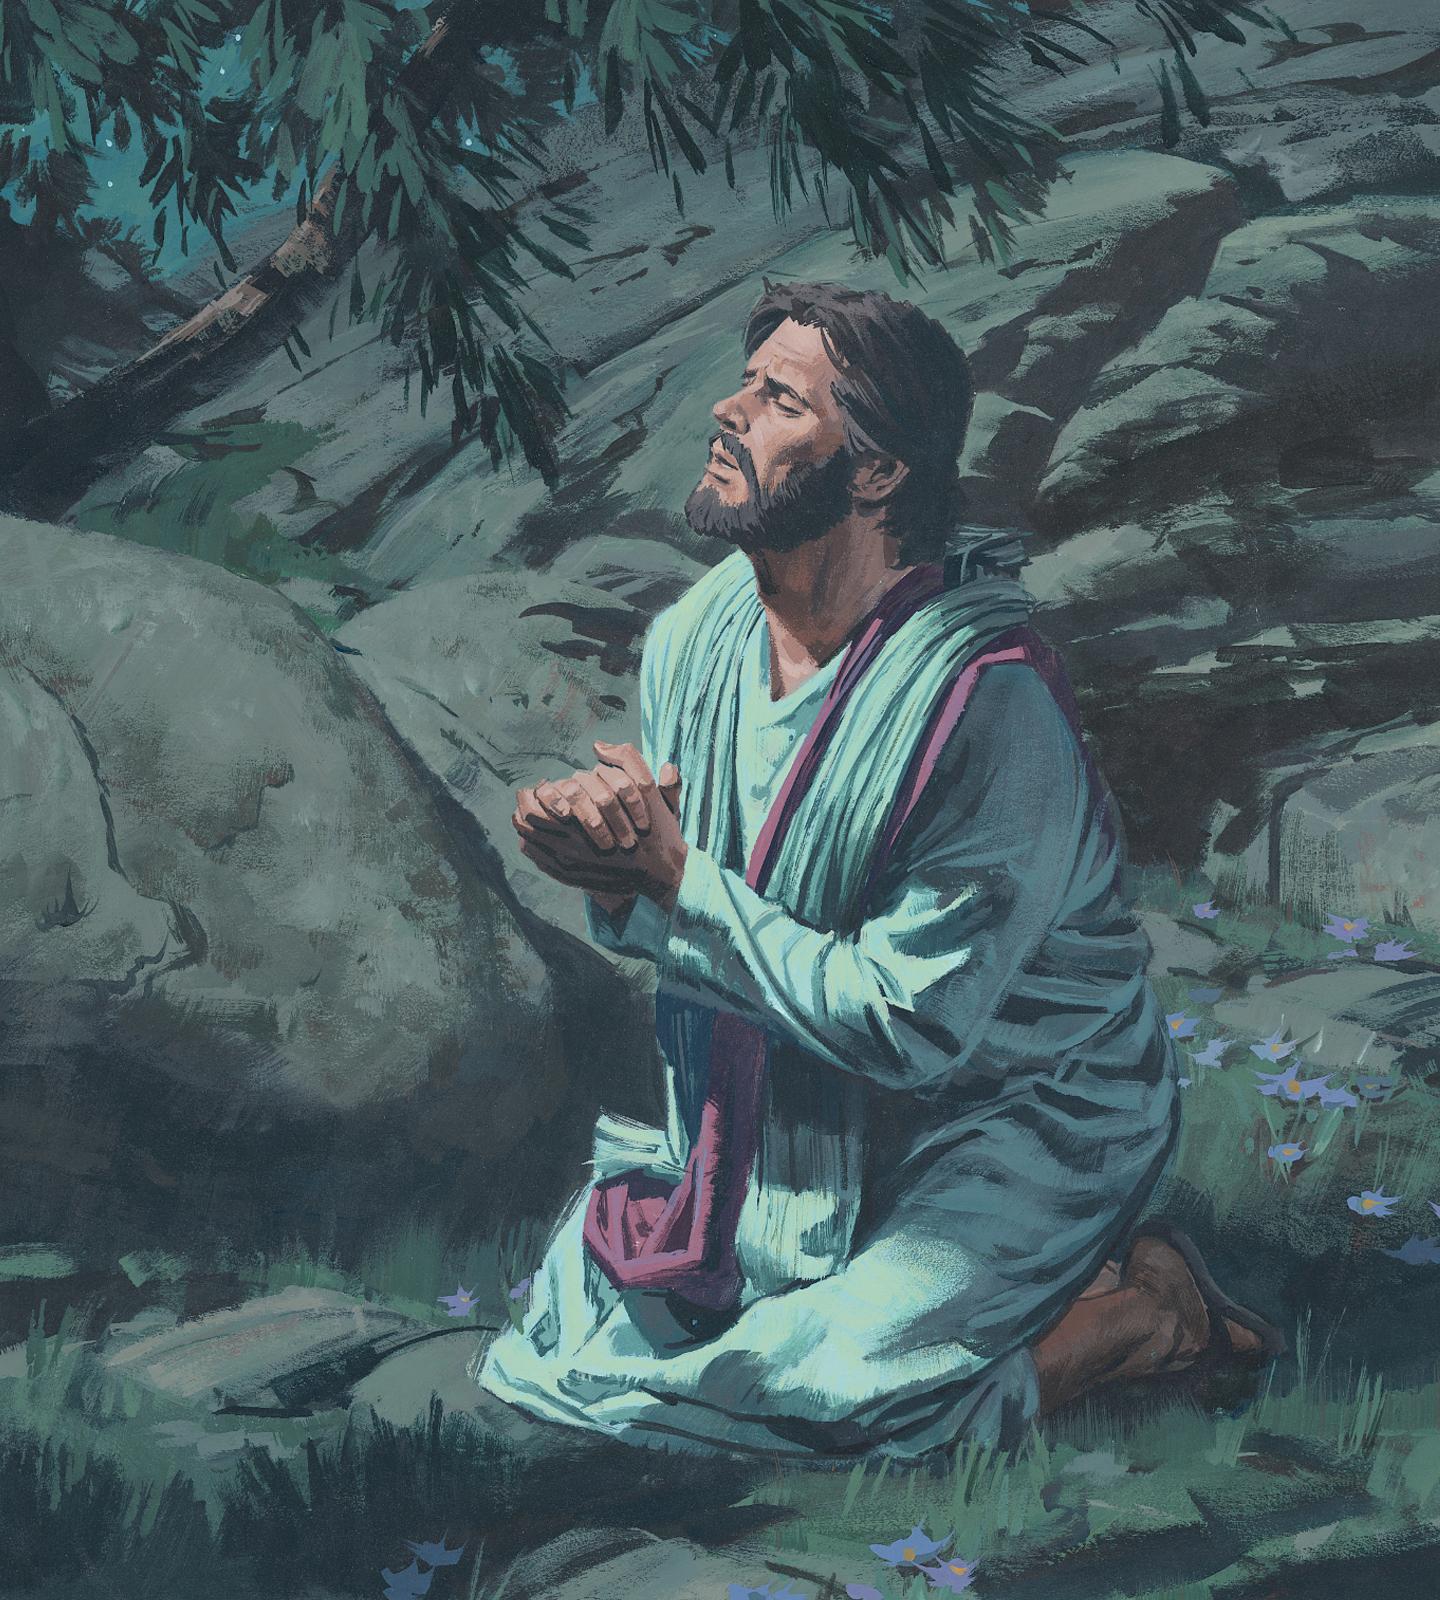 Jesus Suffers In The Garden Of Gethsemane